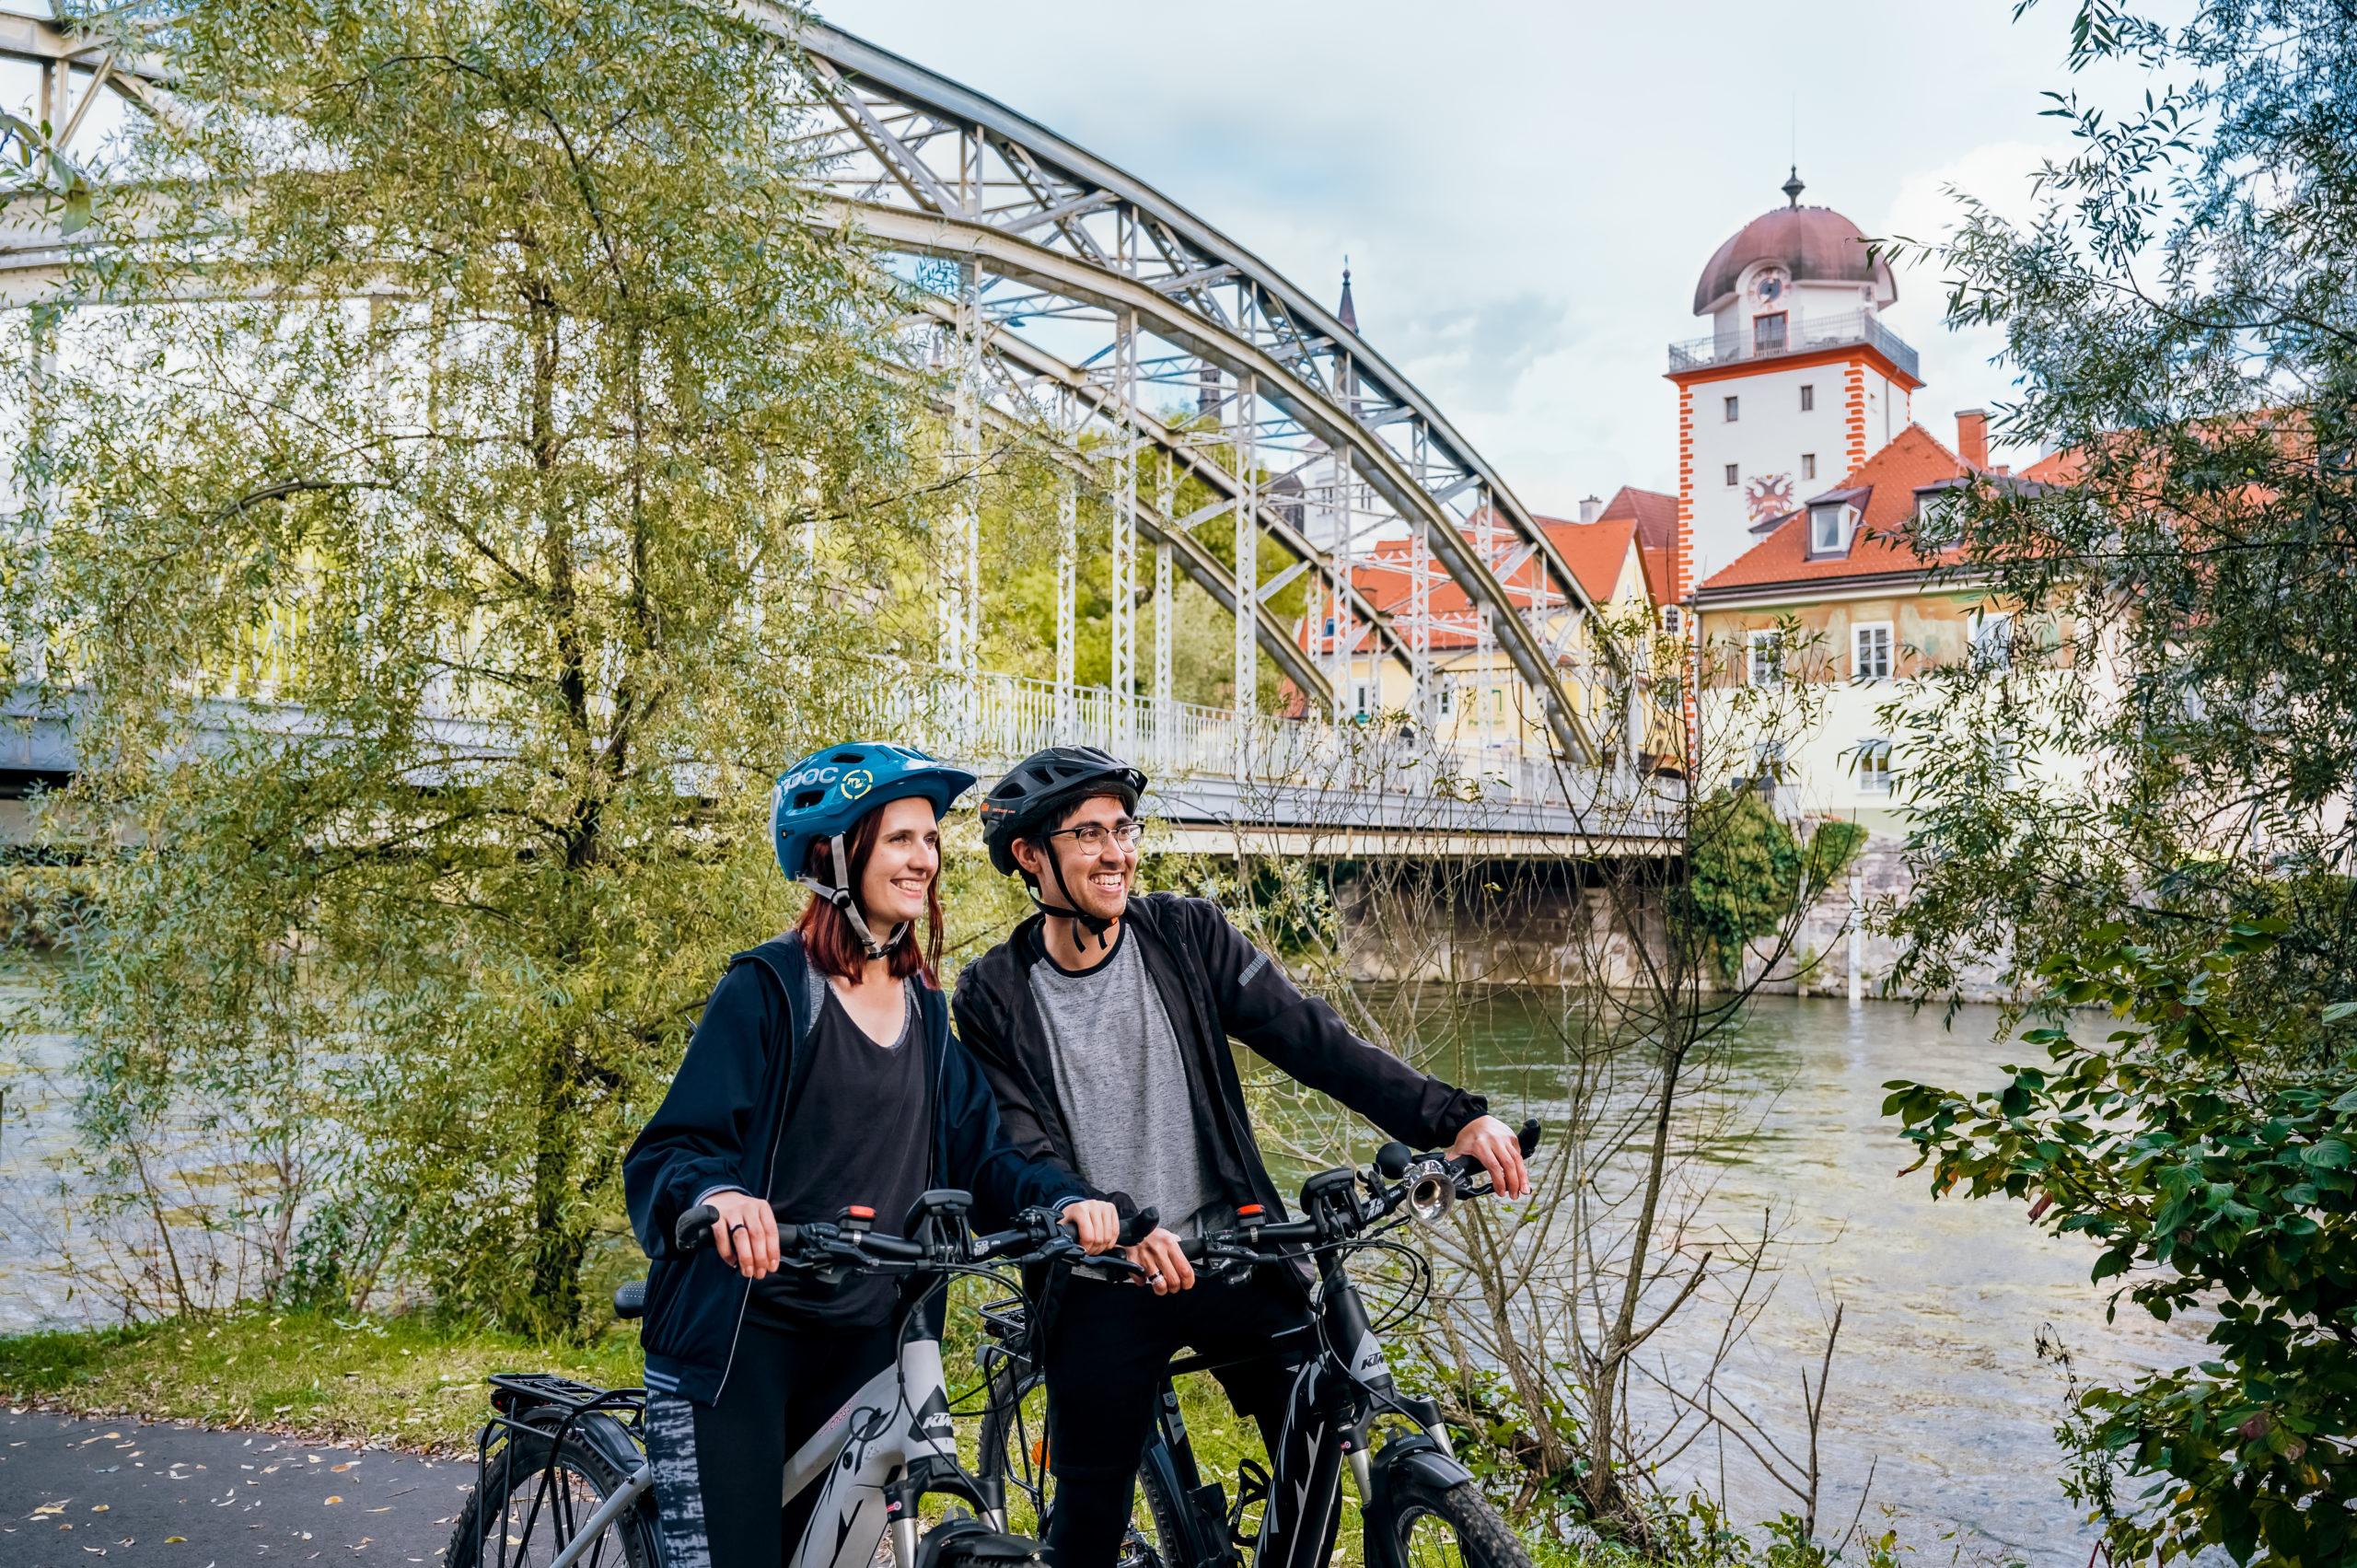 die Stadt Leoben mit dem Rad erkunden - ein toller Urlaub